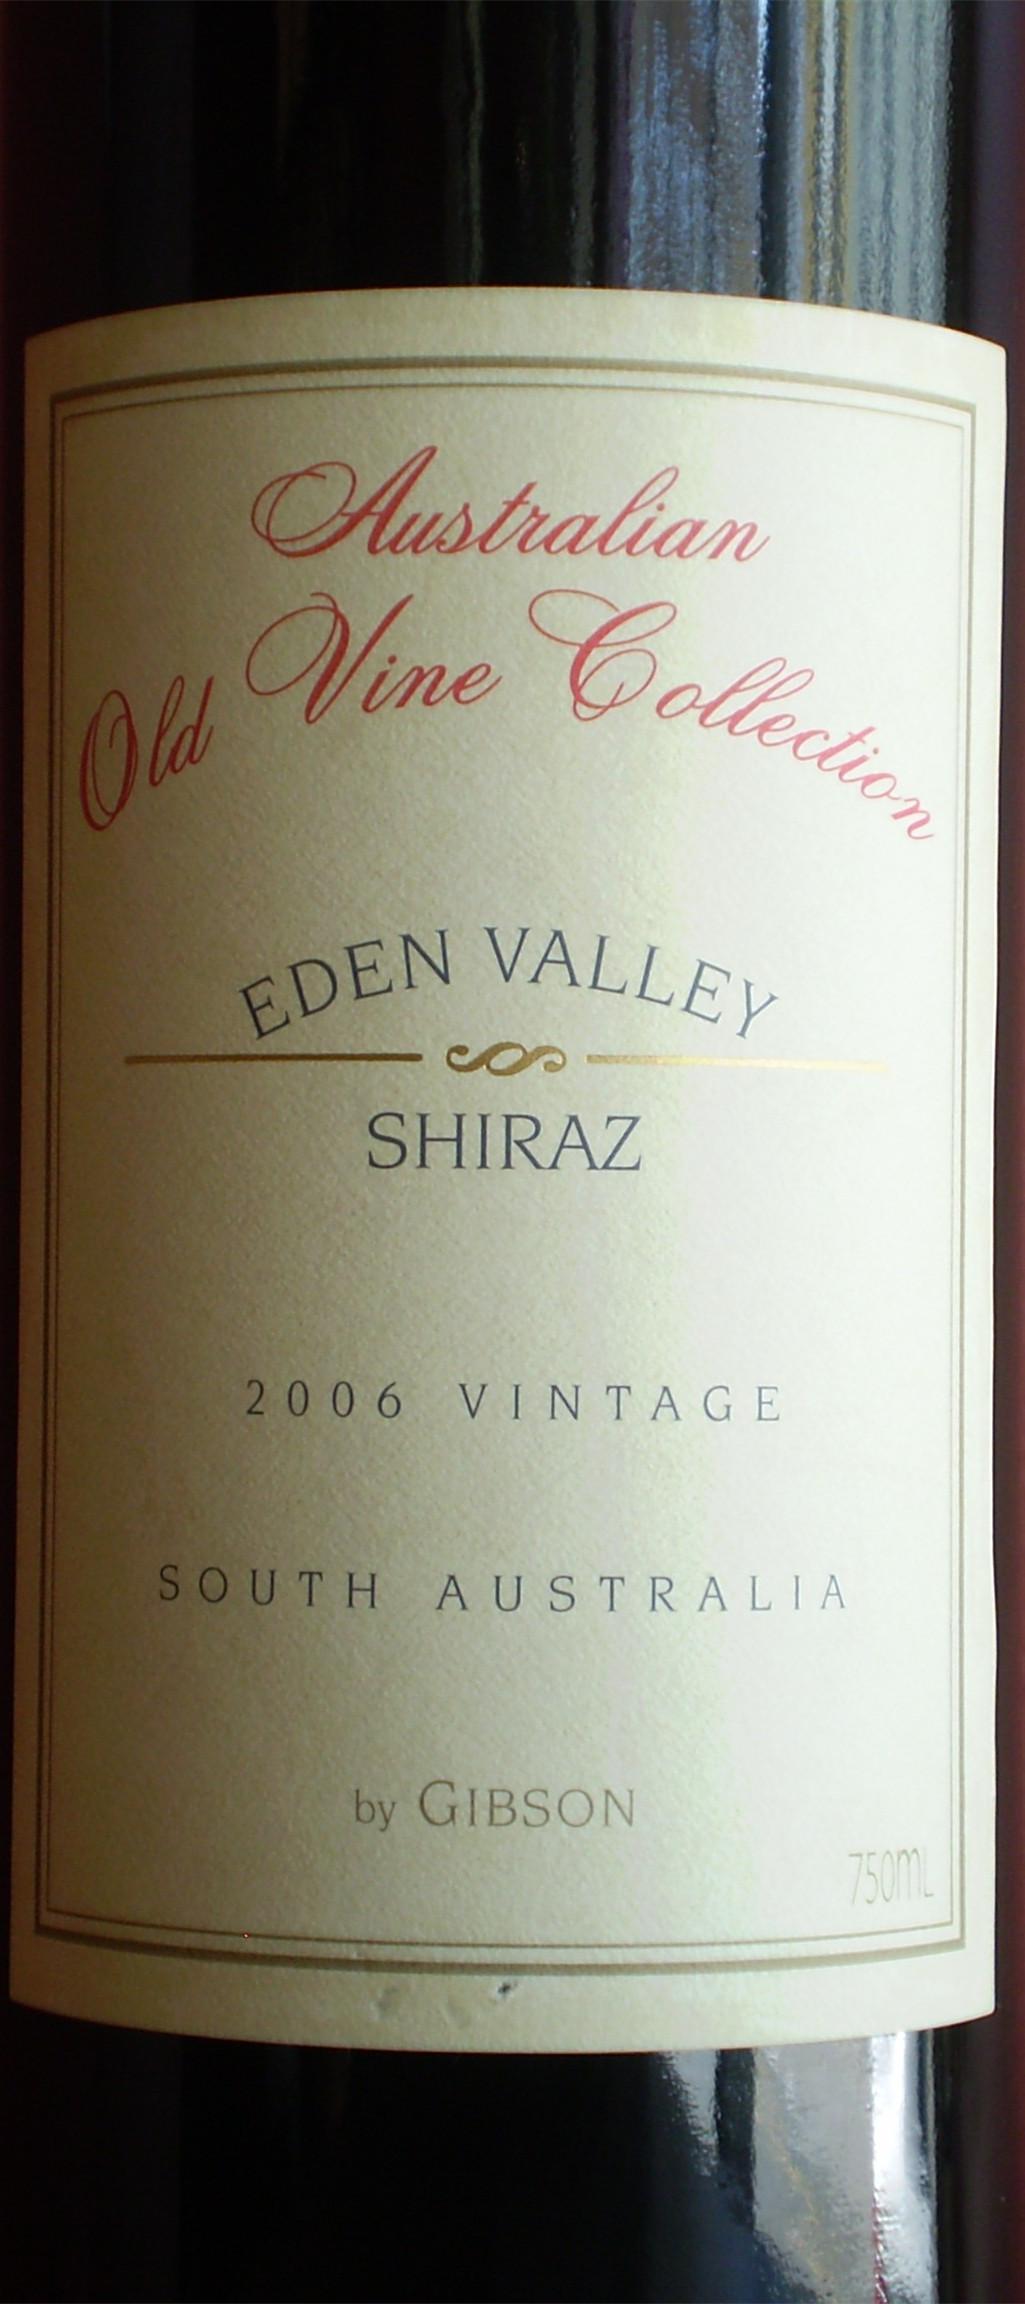 吉布森老藤精选系列西拉干红(伊顿谷)Gibson Australian Old Vine Collection Eden Valley Shiraz